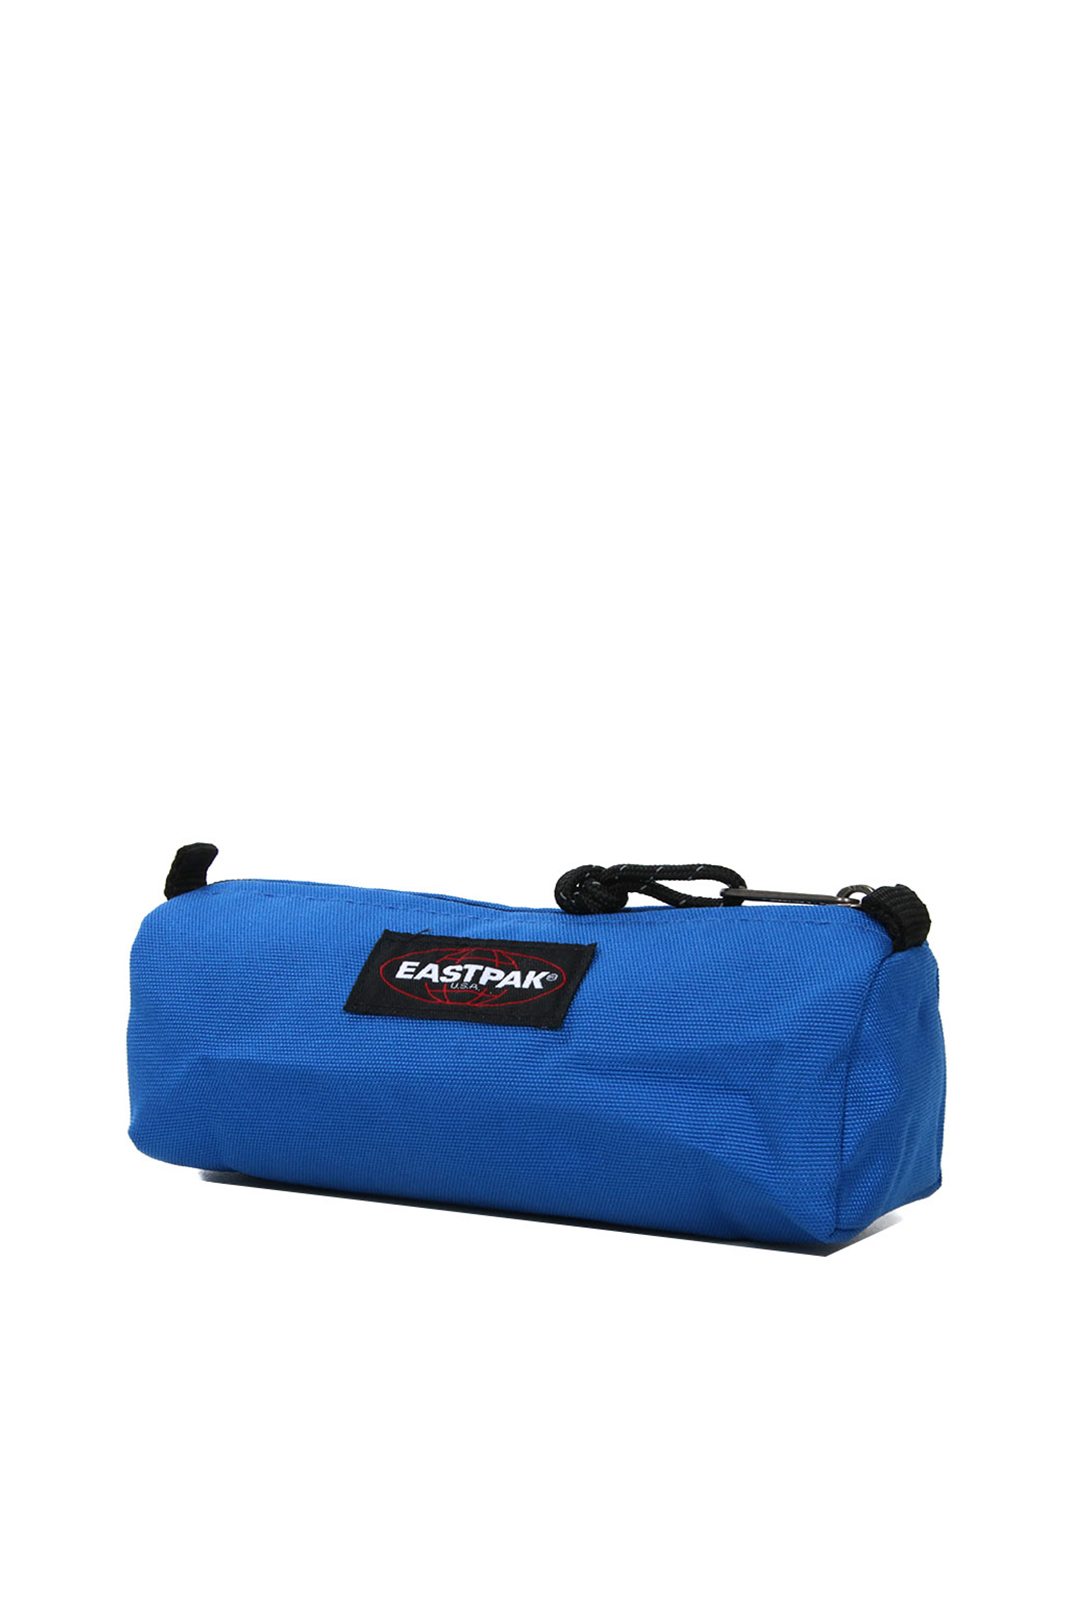 Etuis / Trousses  Eastpak EK37204X 04X URBAN BLEU